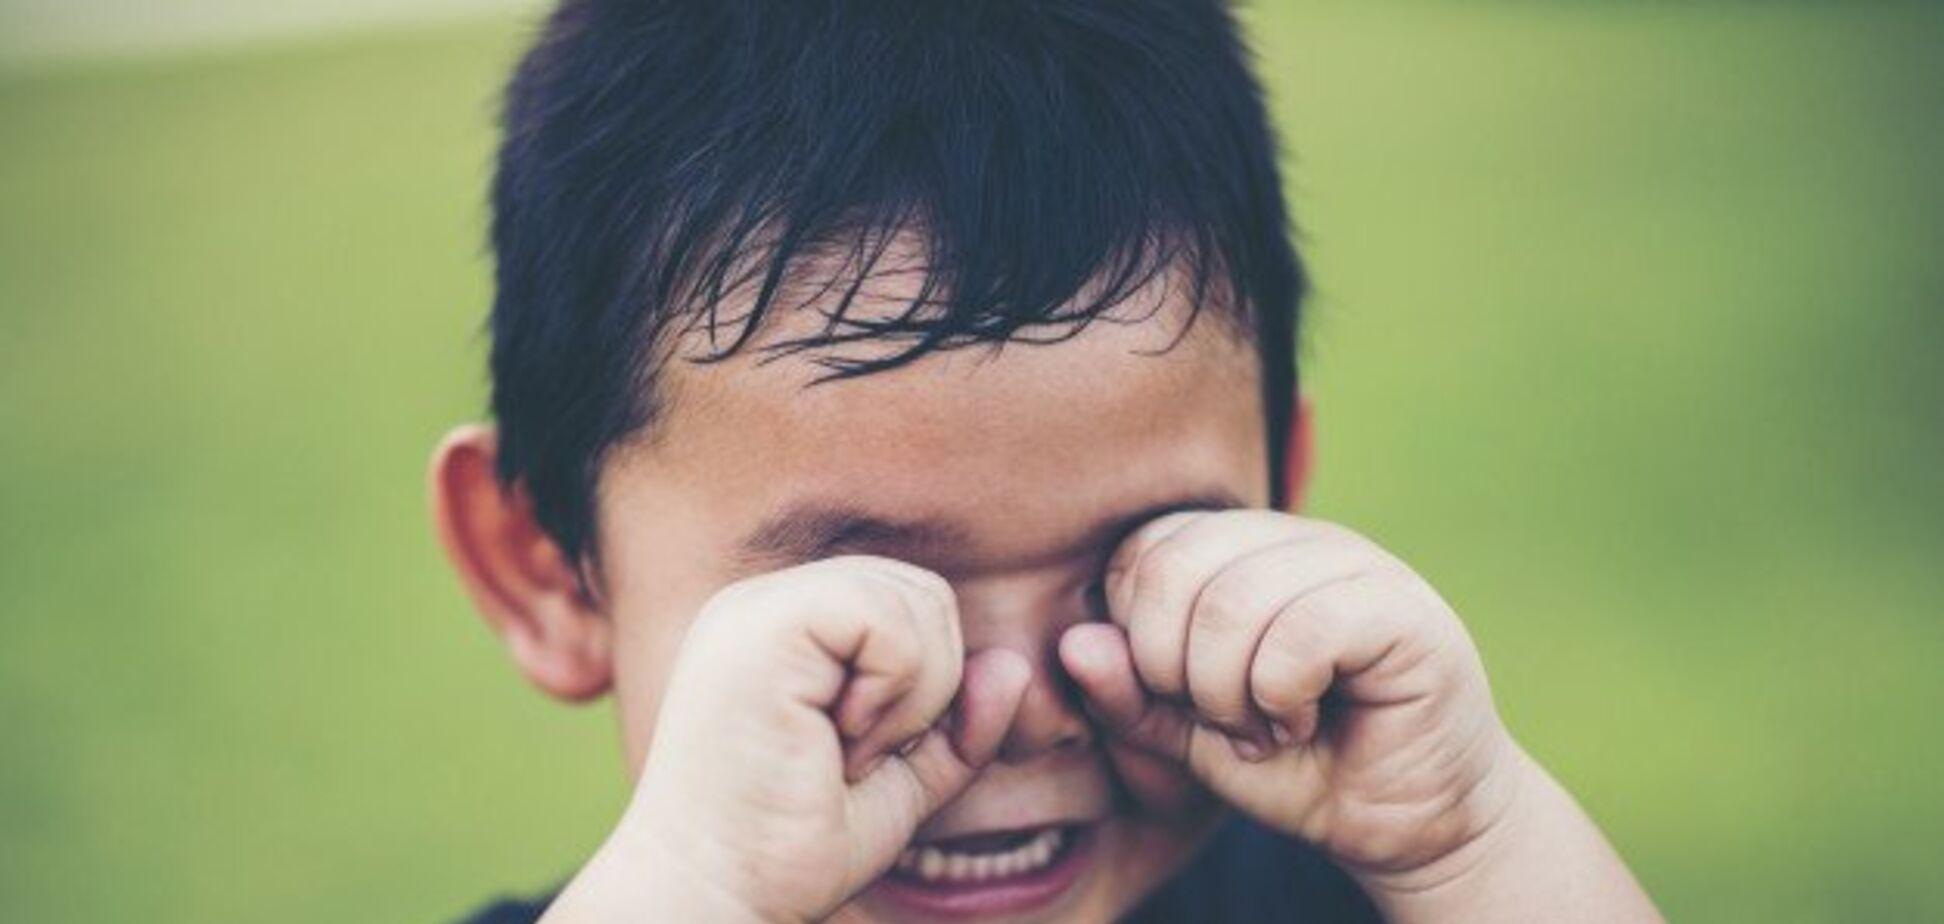 На Житомирщине скандал в детсаду: воспитатель в наказание поиздевалась над 4-летним малышом. Фотофакт